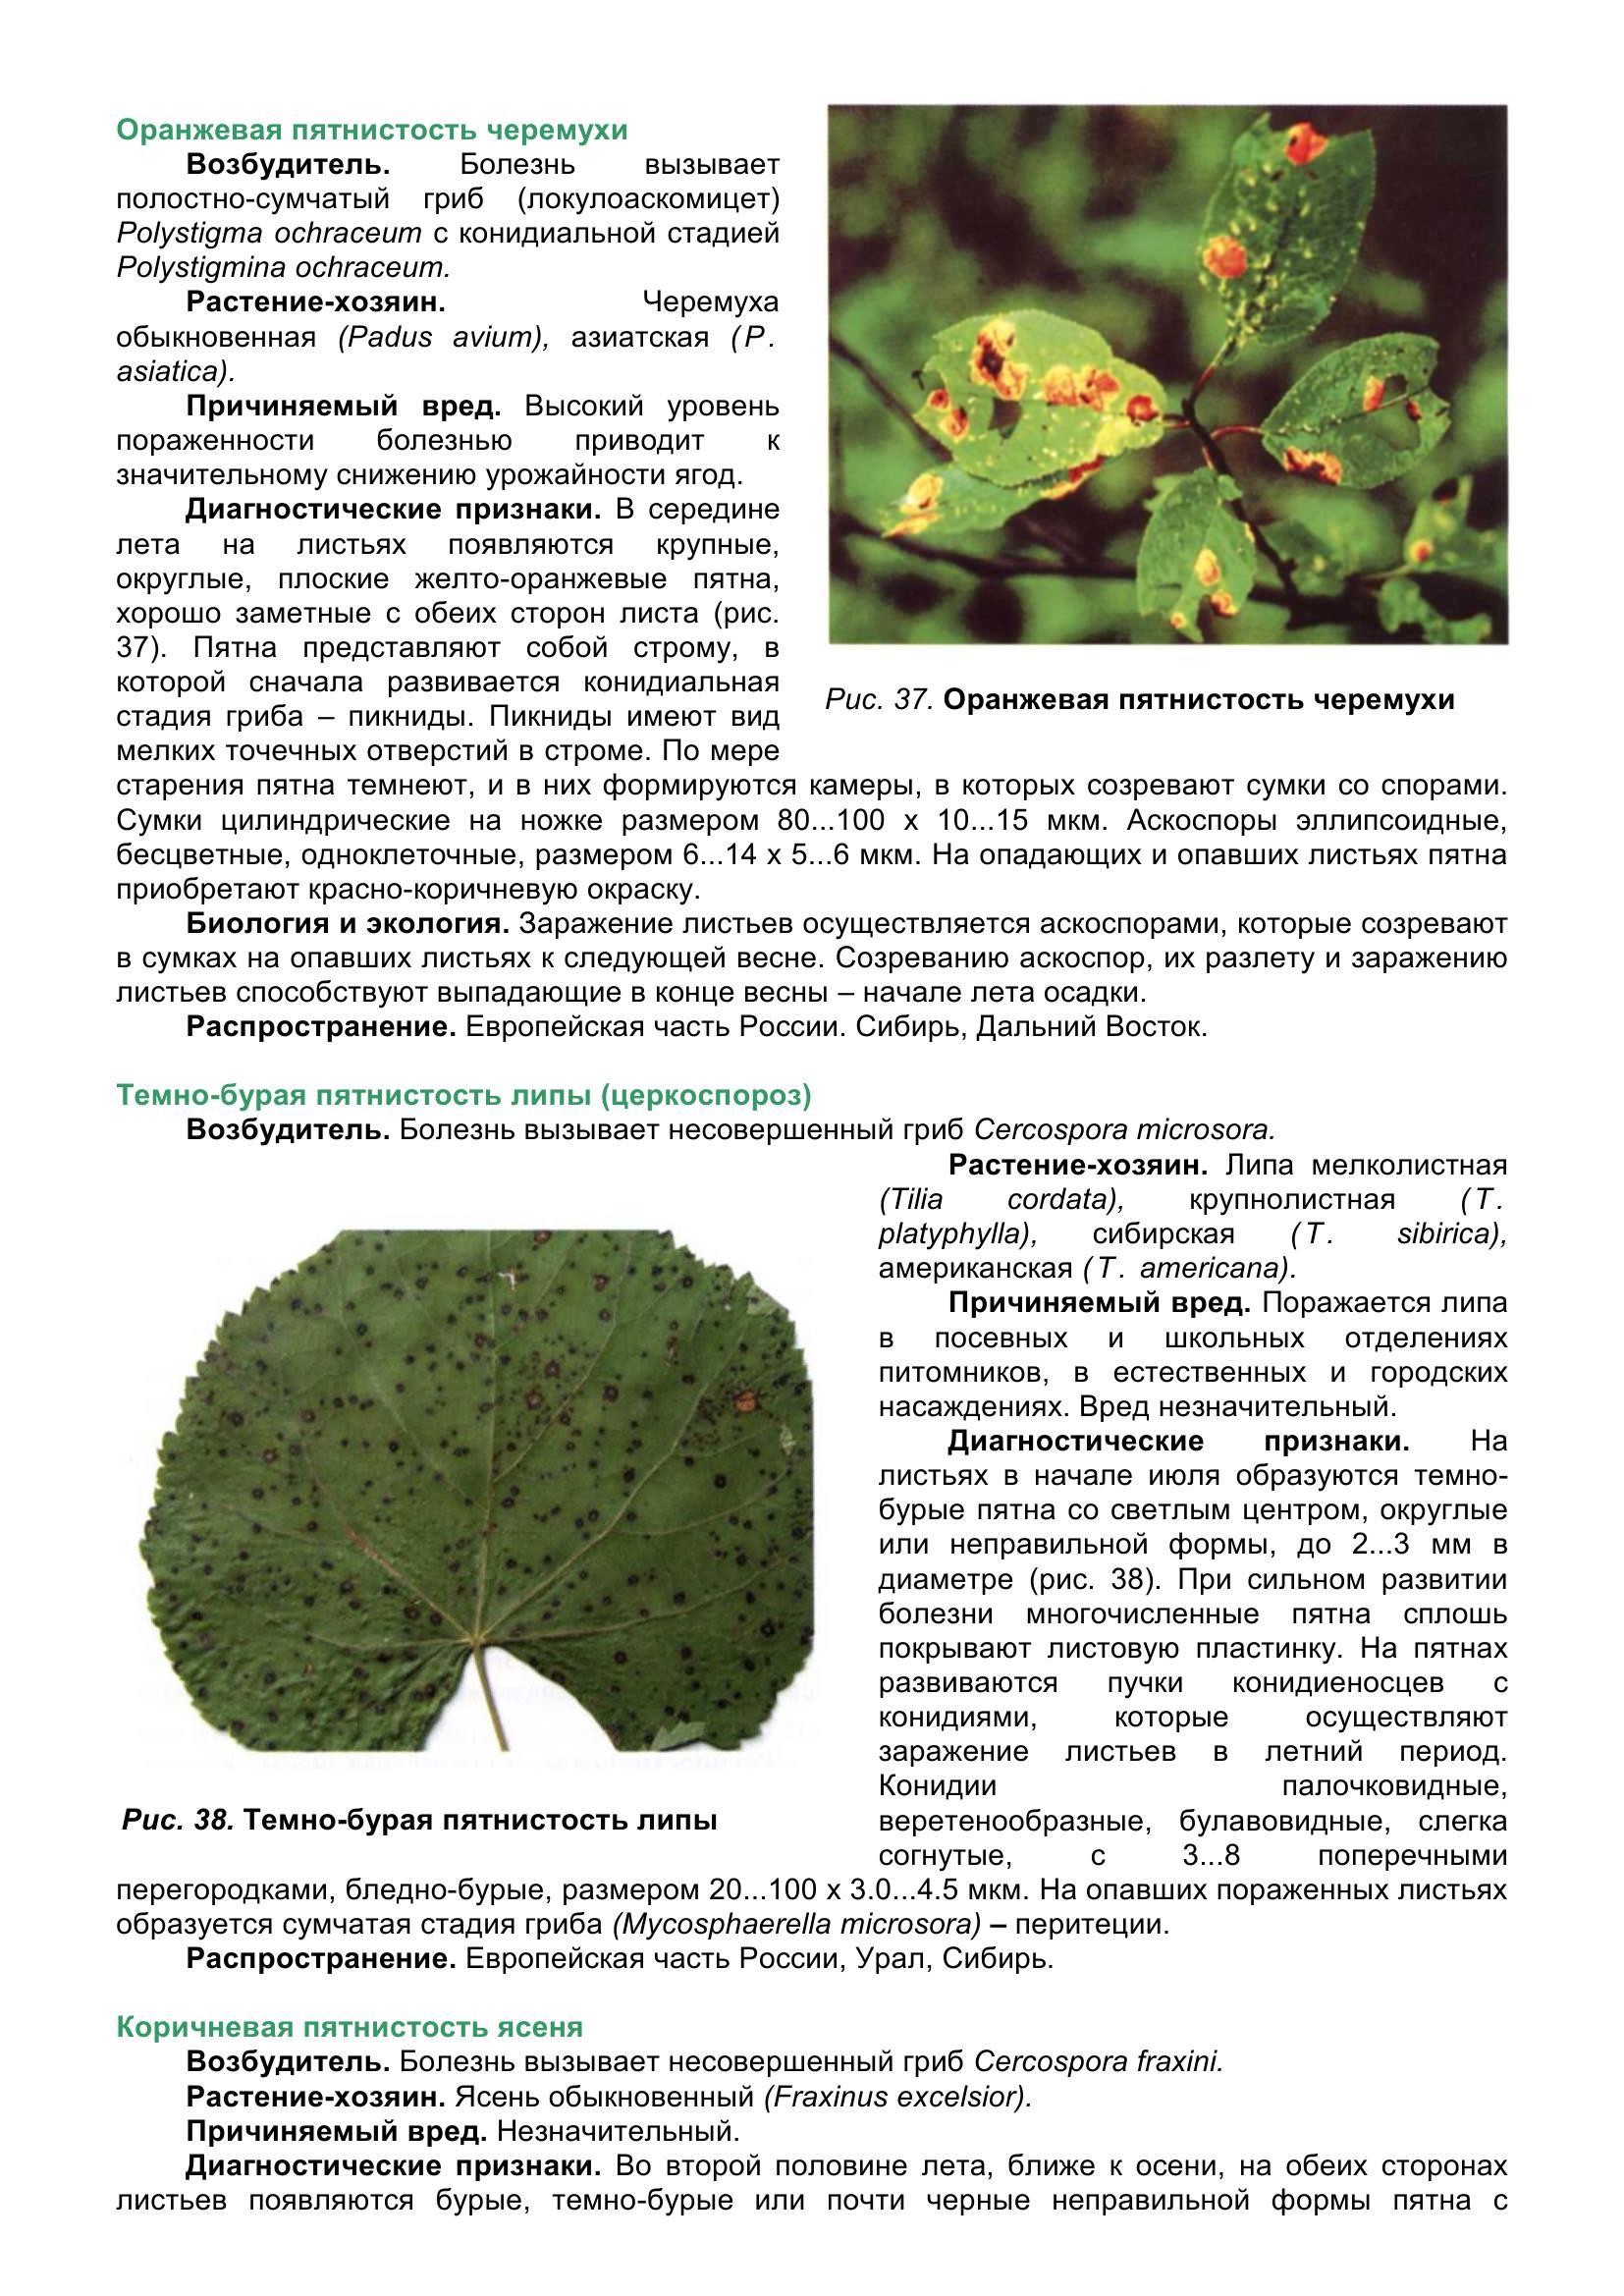 Болезни_древесных_растений_053.jpg